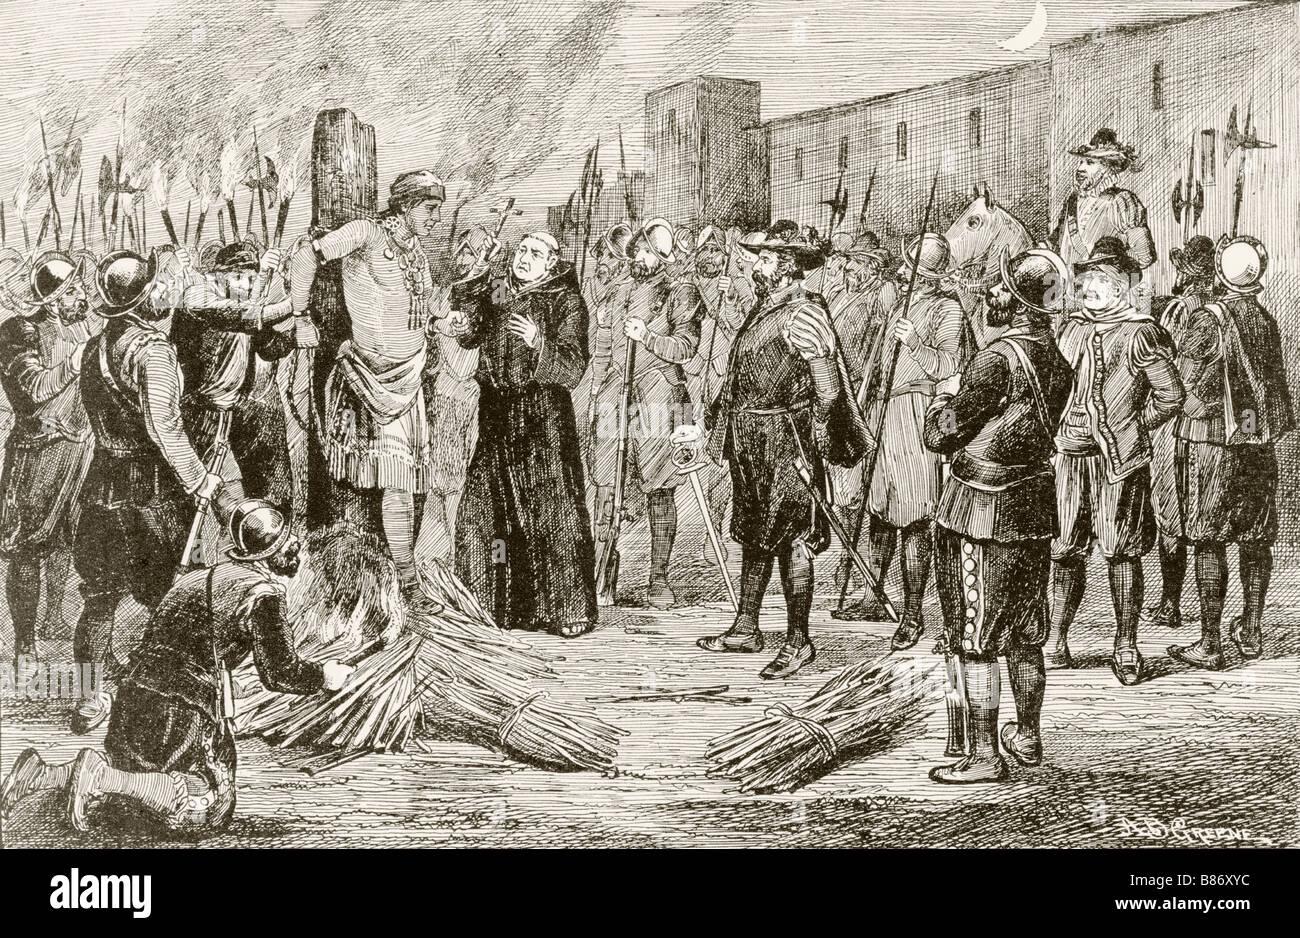 The Spaniards under Francisco Pizarro tie Atahualpa to the stake before strangling him - Stock Image